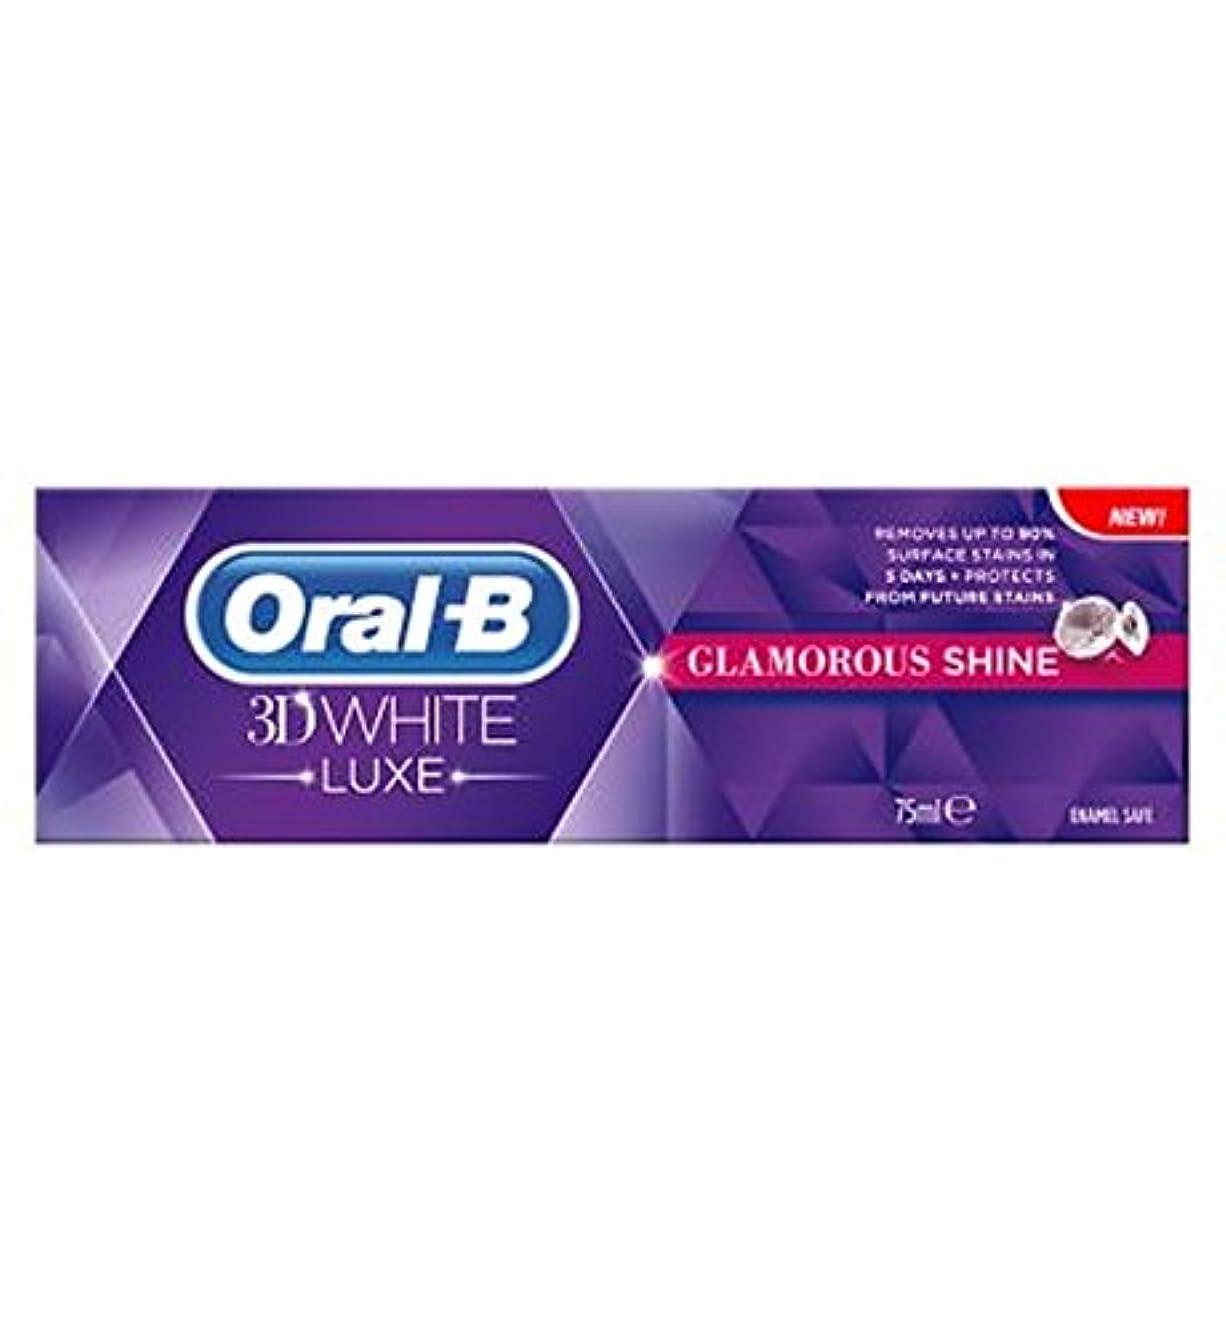 ハイキング等覆すオーラルB 3Dwhite豪華グラマラスな輝きの歯磨き粉75ミリリットル (Oral B) (x2) - Oral-B 3DWhite Luxe Glamourous Shine Toothpaste 75ml (Pack...